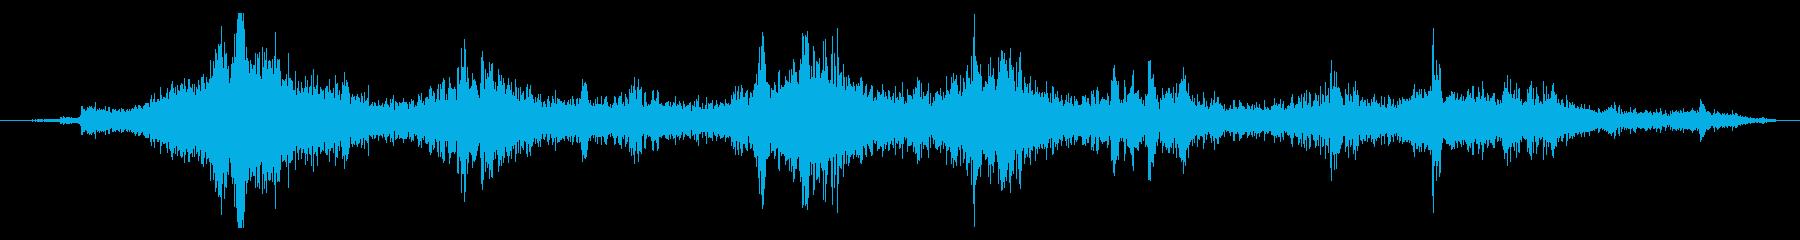 リバース アンダーワールドクランブ...の再生済みの波形